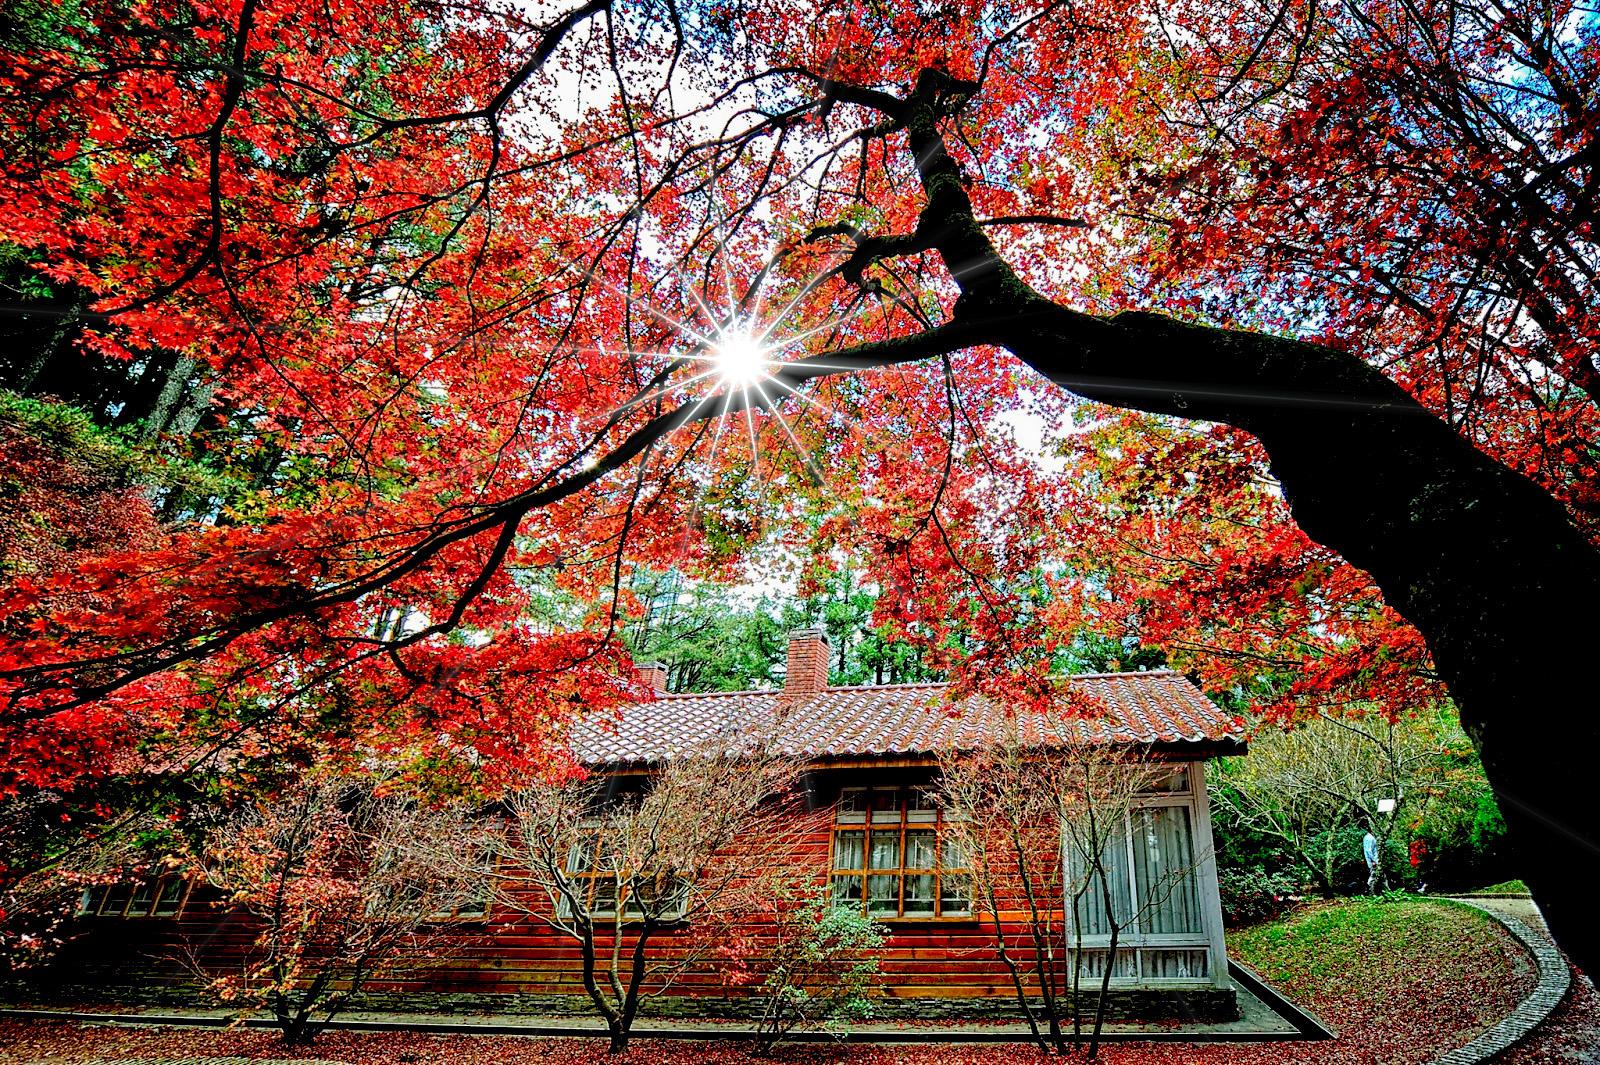 「福壽山農場 楓」的圖片搜尋結果